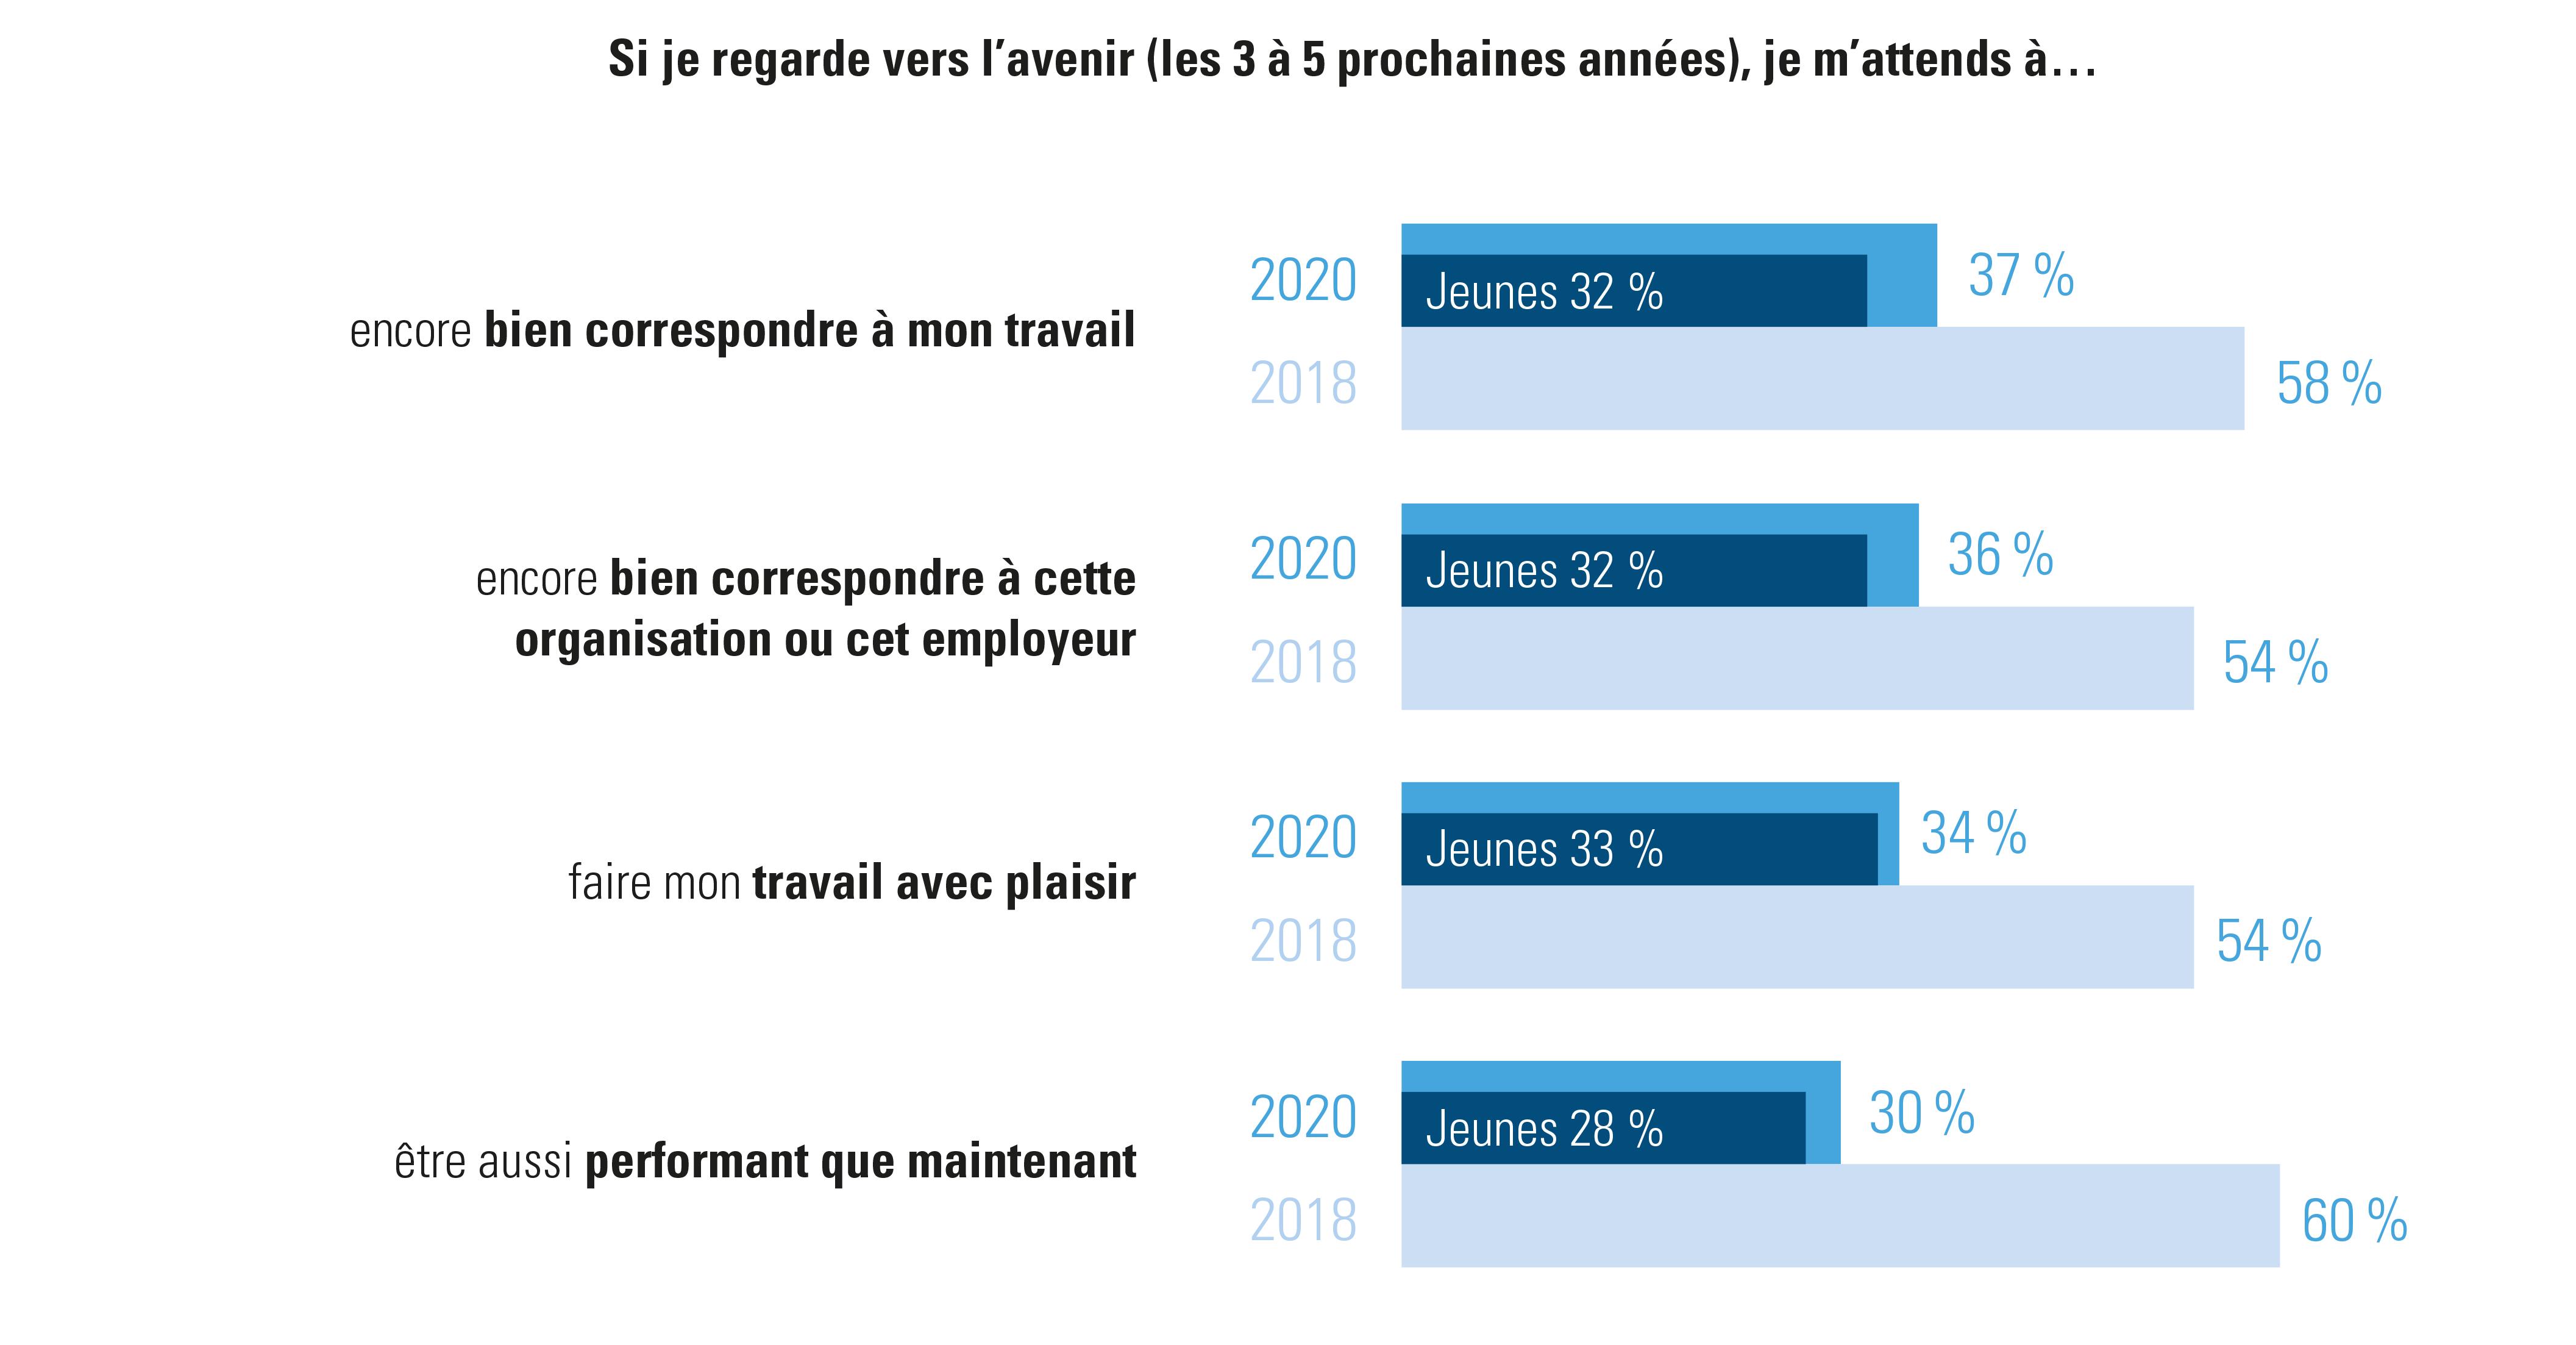 Comment les travailleurs envisagent-ils l'avenir (3 à 5 ans)?